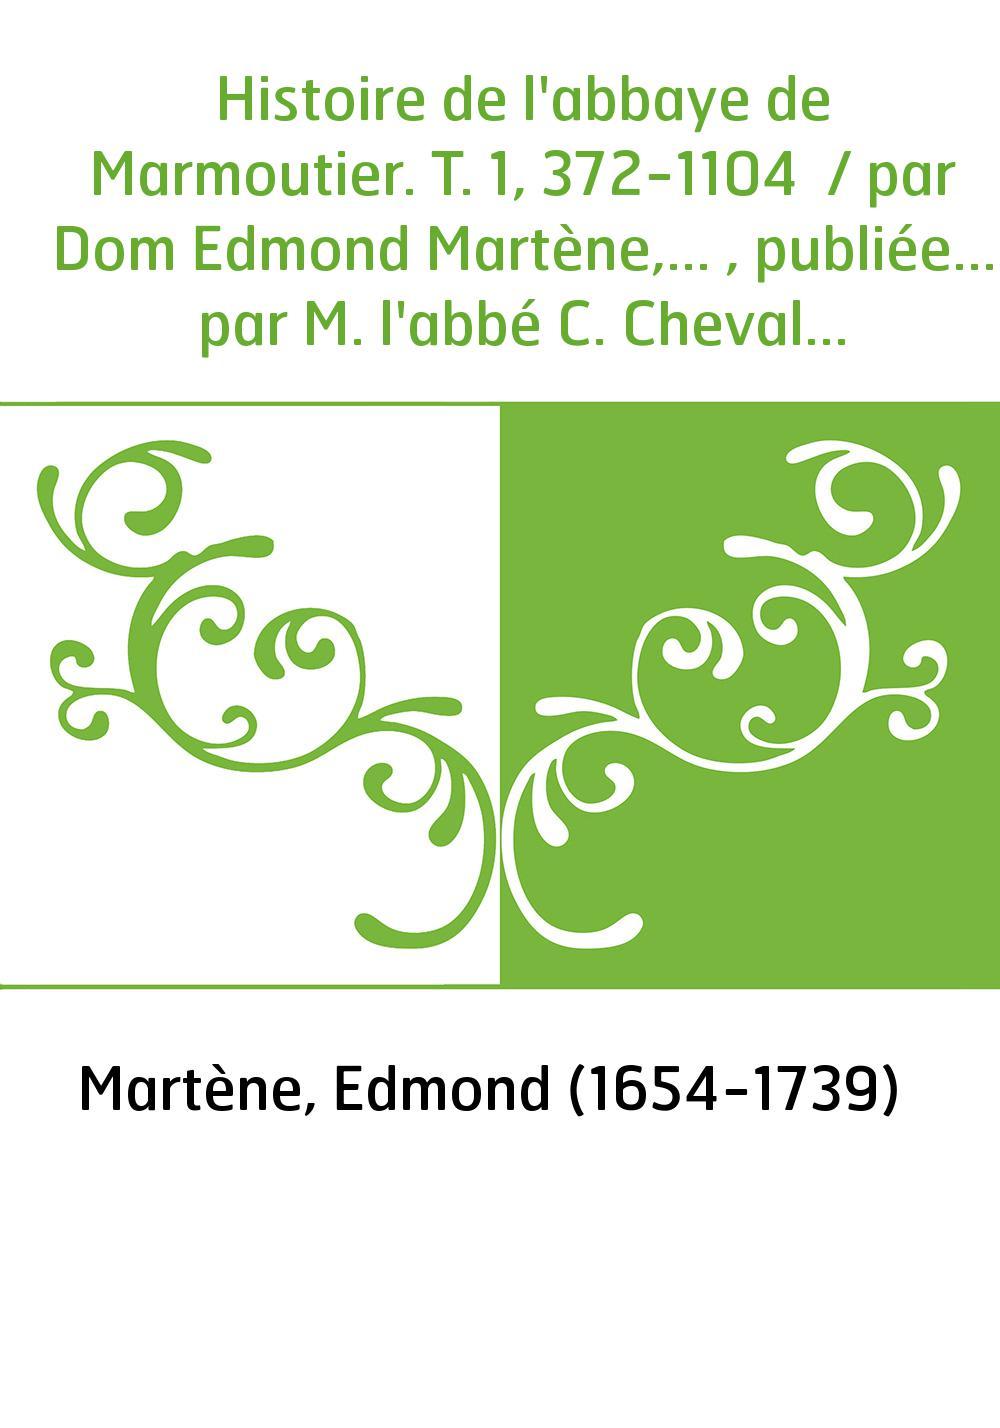 Histoire de l'abbaye de Marmoutier. T. 1, 372-1104 / par Dom Edmond Martène,... , publiée... par M. l'abbé C. Chevalier,...